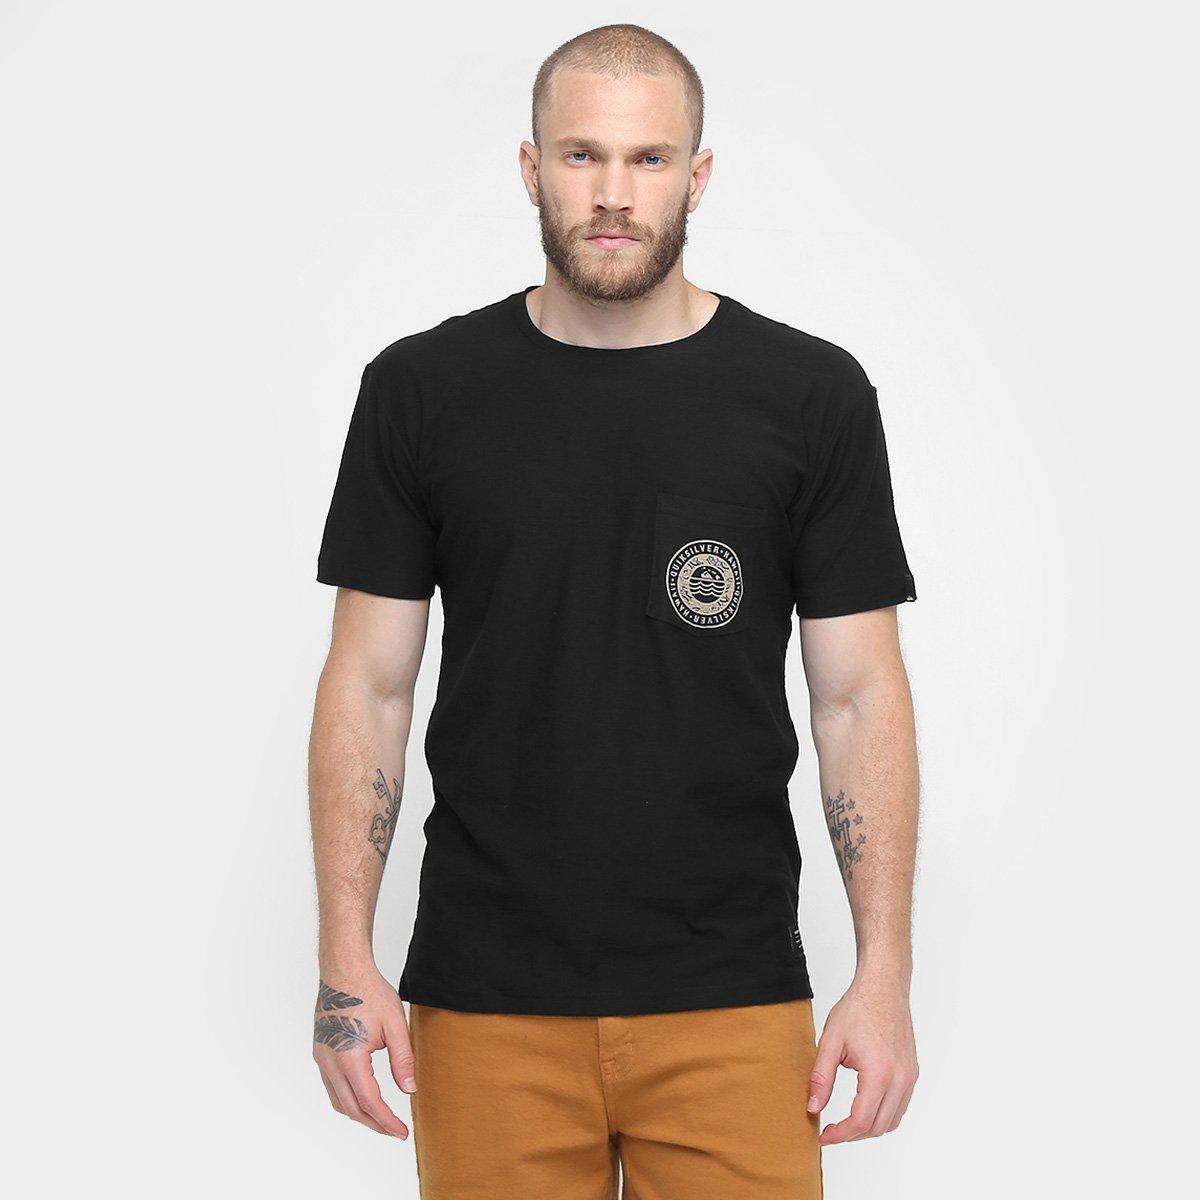 38b06b2ad2577 Camiseta Quiksilver Especial Gregs - Compre Agora   Netshoes